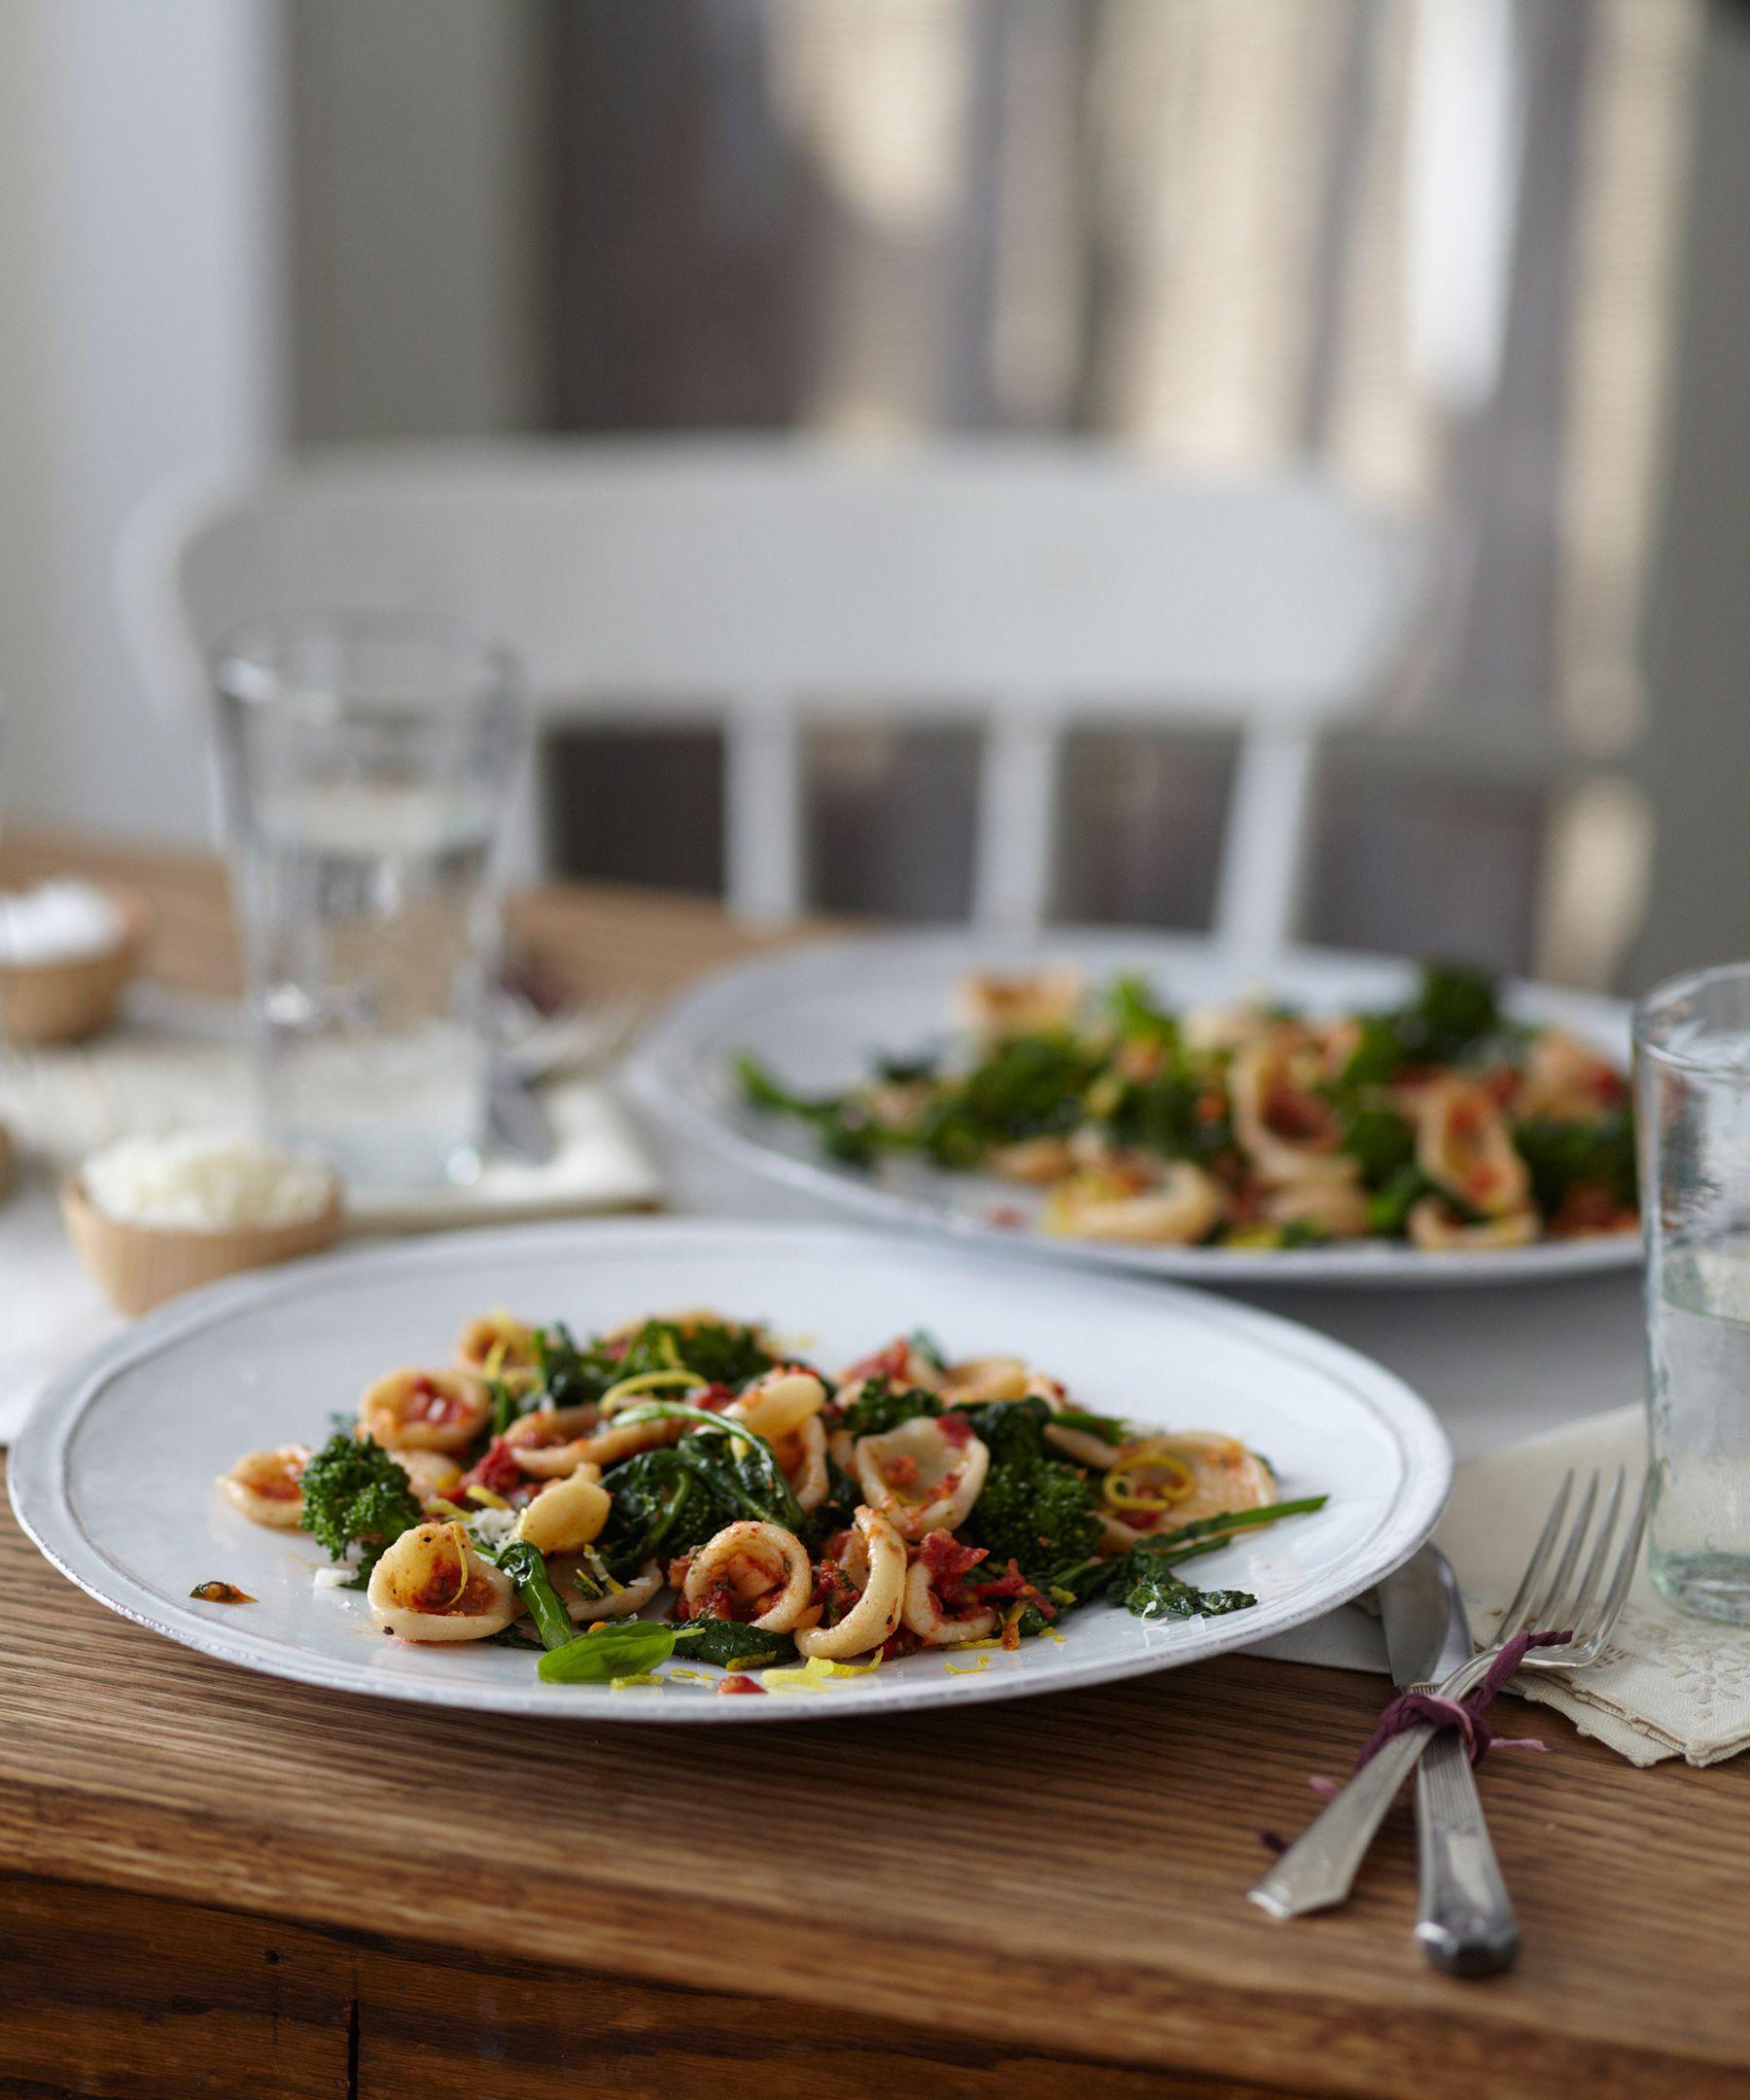 Simple Homemade Pasta + Broccoli Rabe + Sun-dried Tomato Pesto - Candice Kumai #vegan